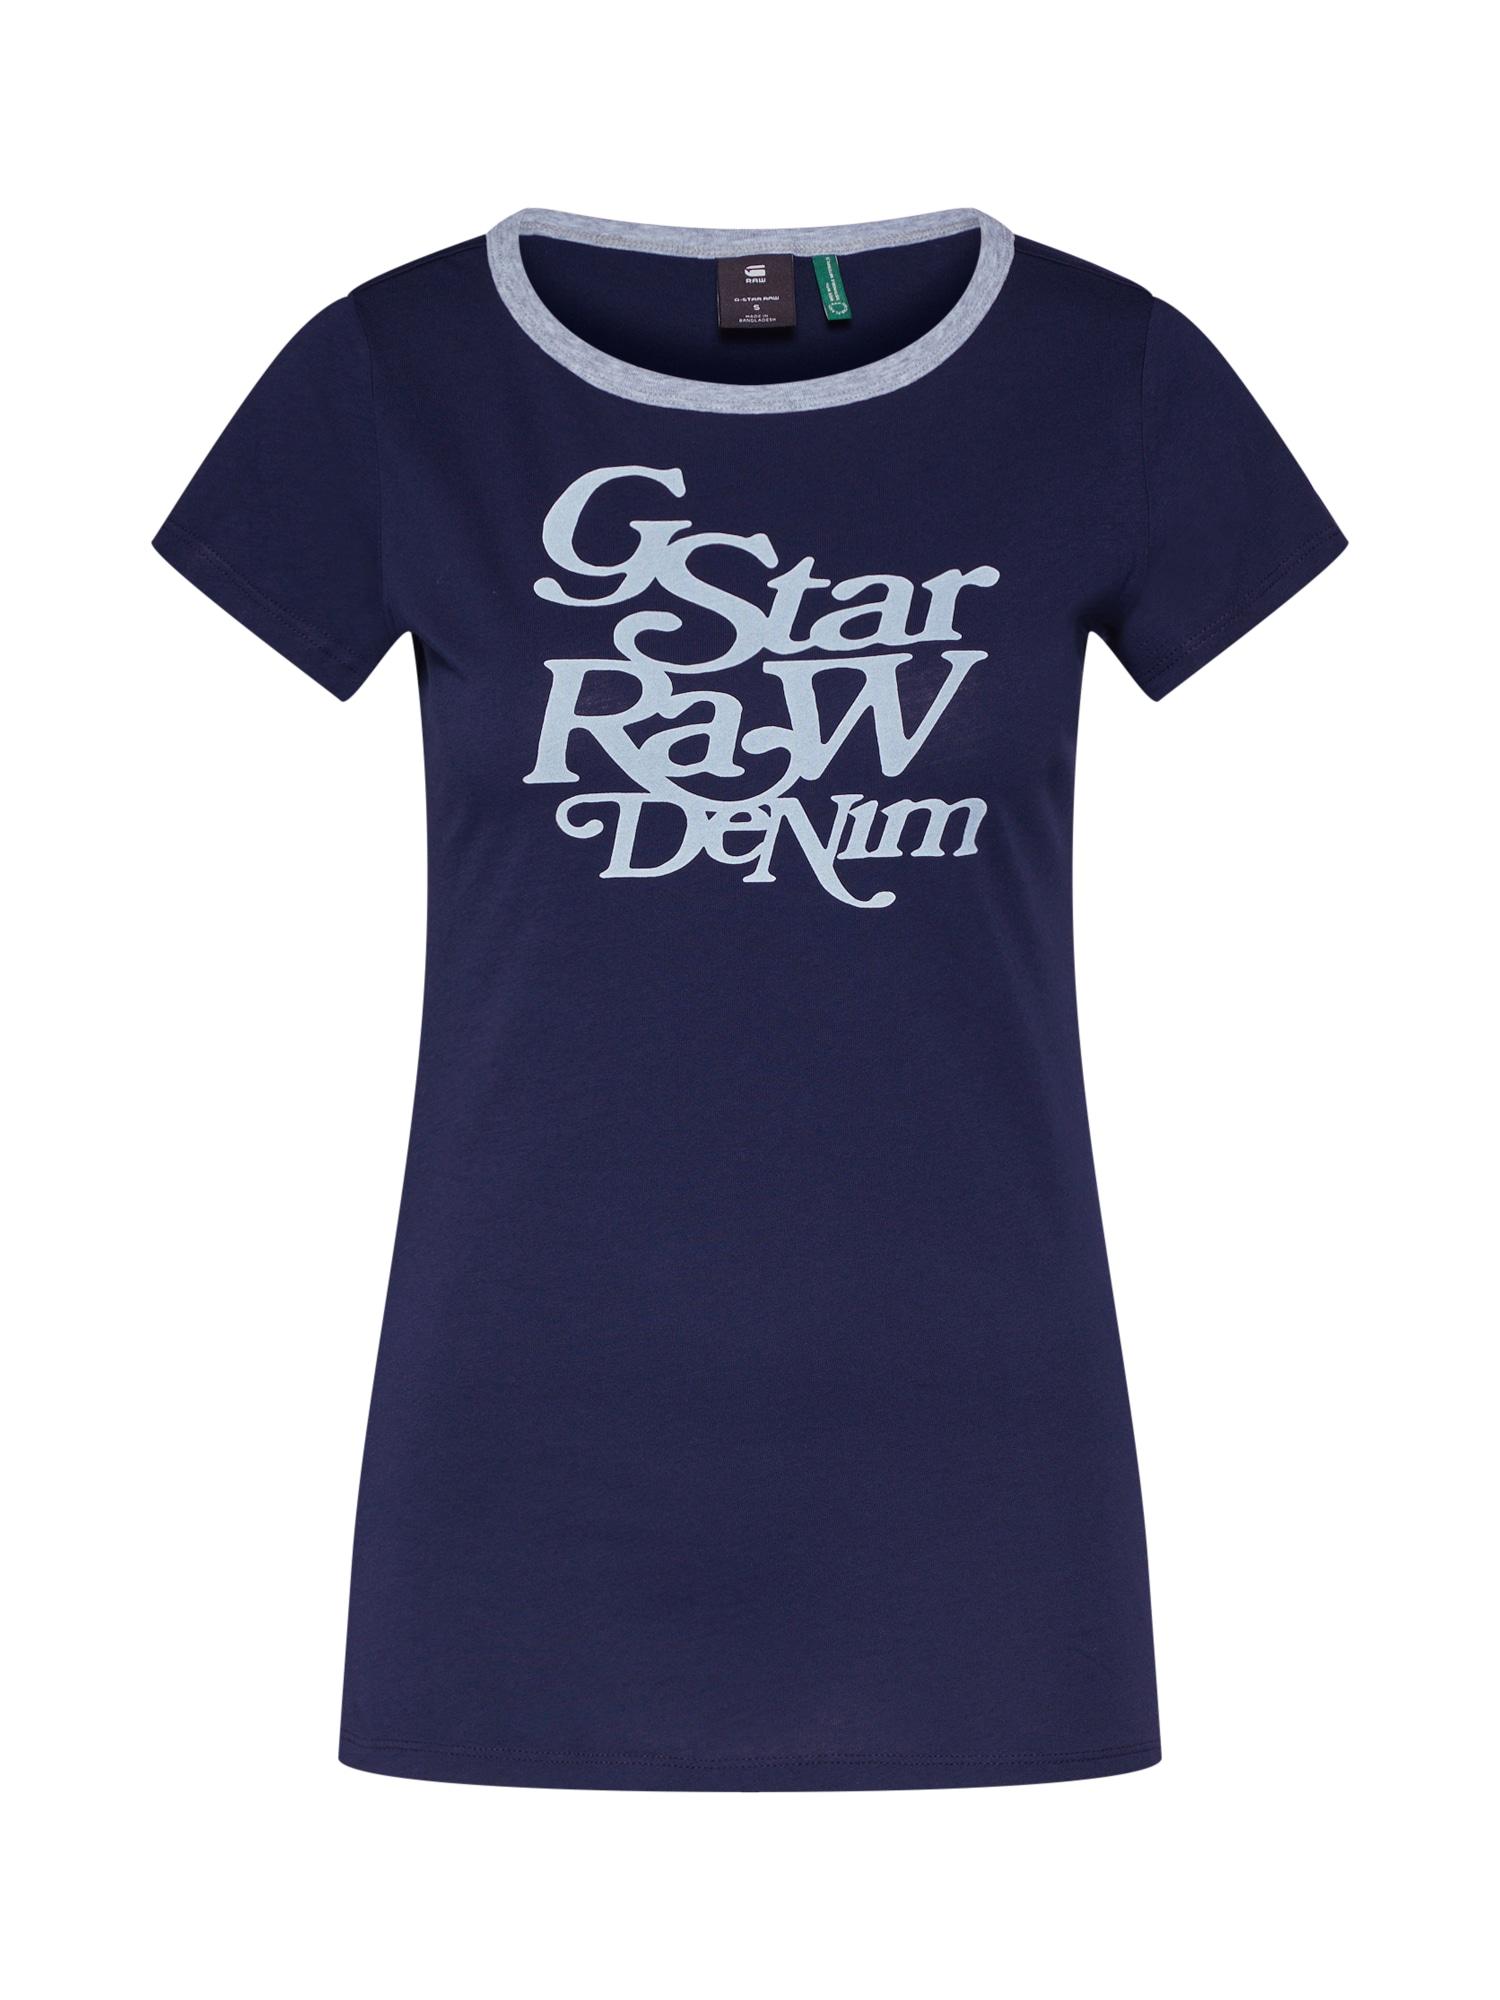 Tričko Civita slim r t wmn ss modrá G-STAR RAW